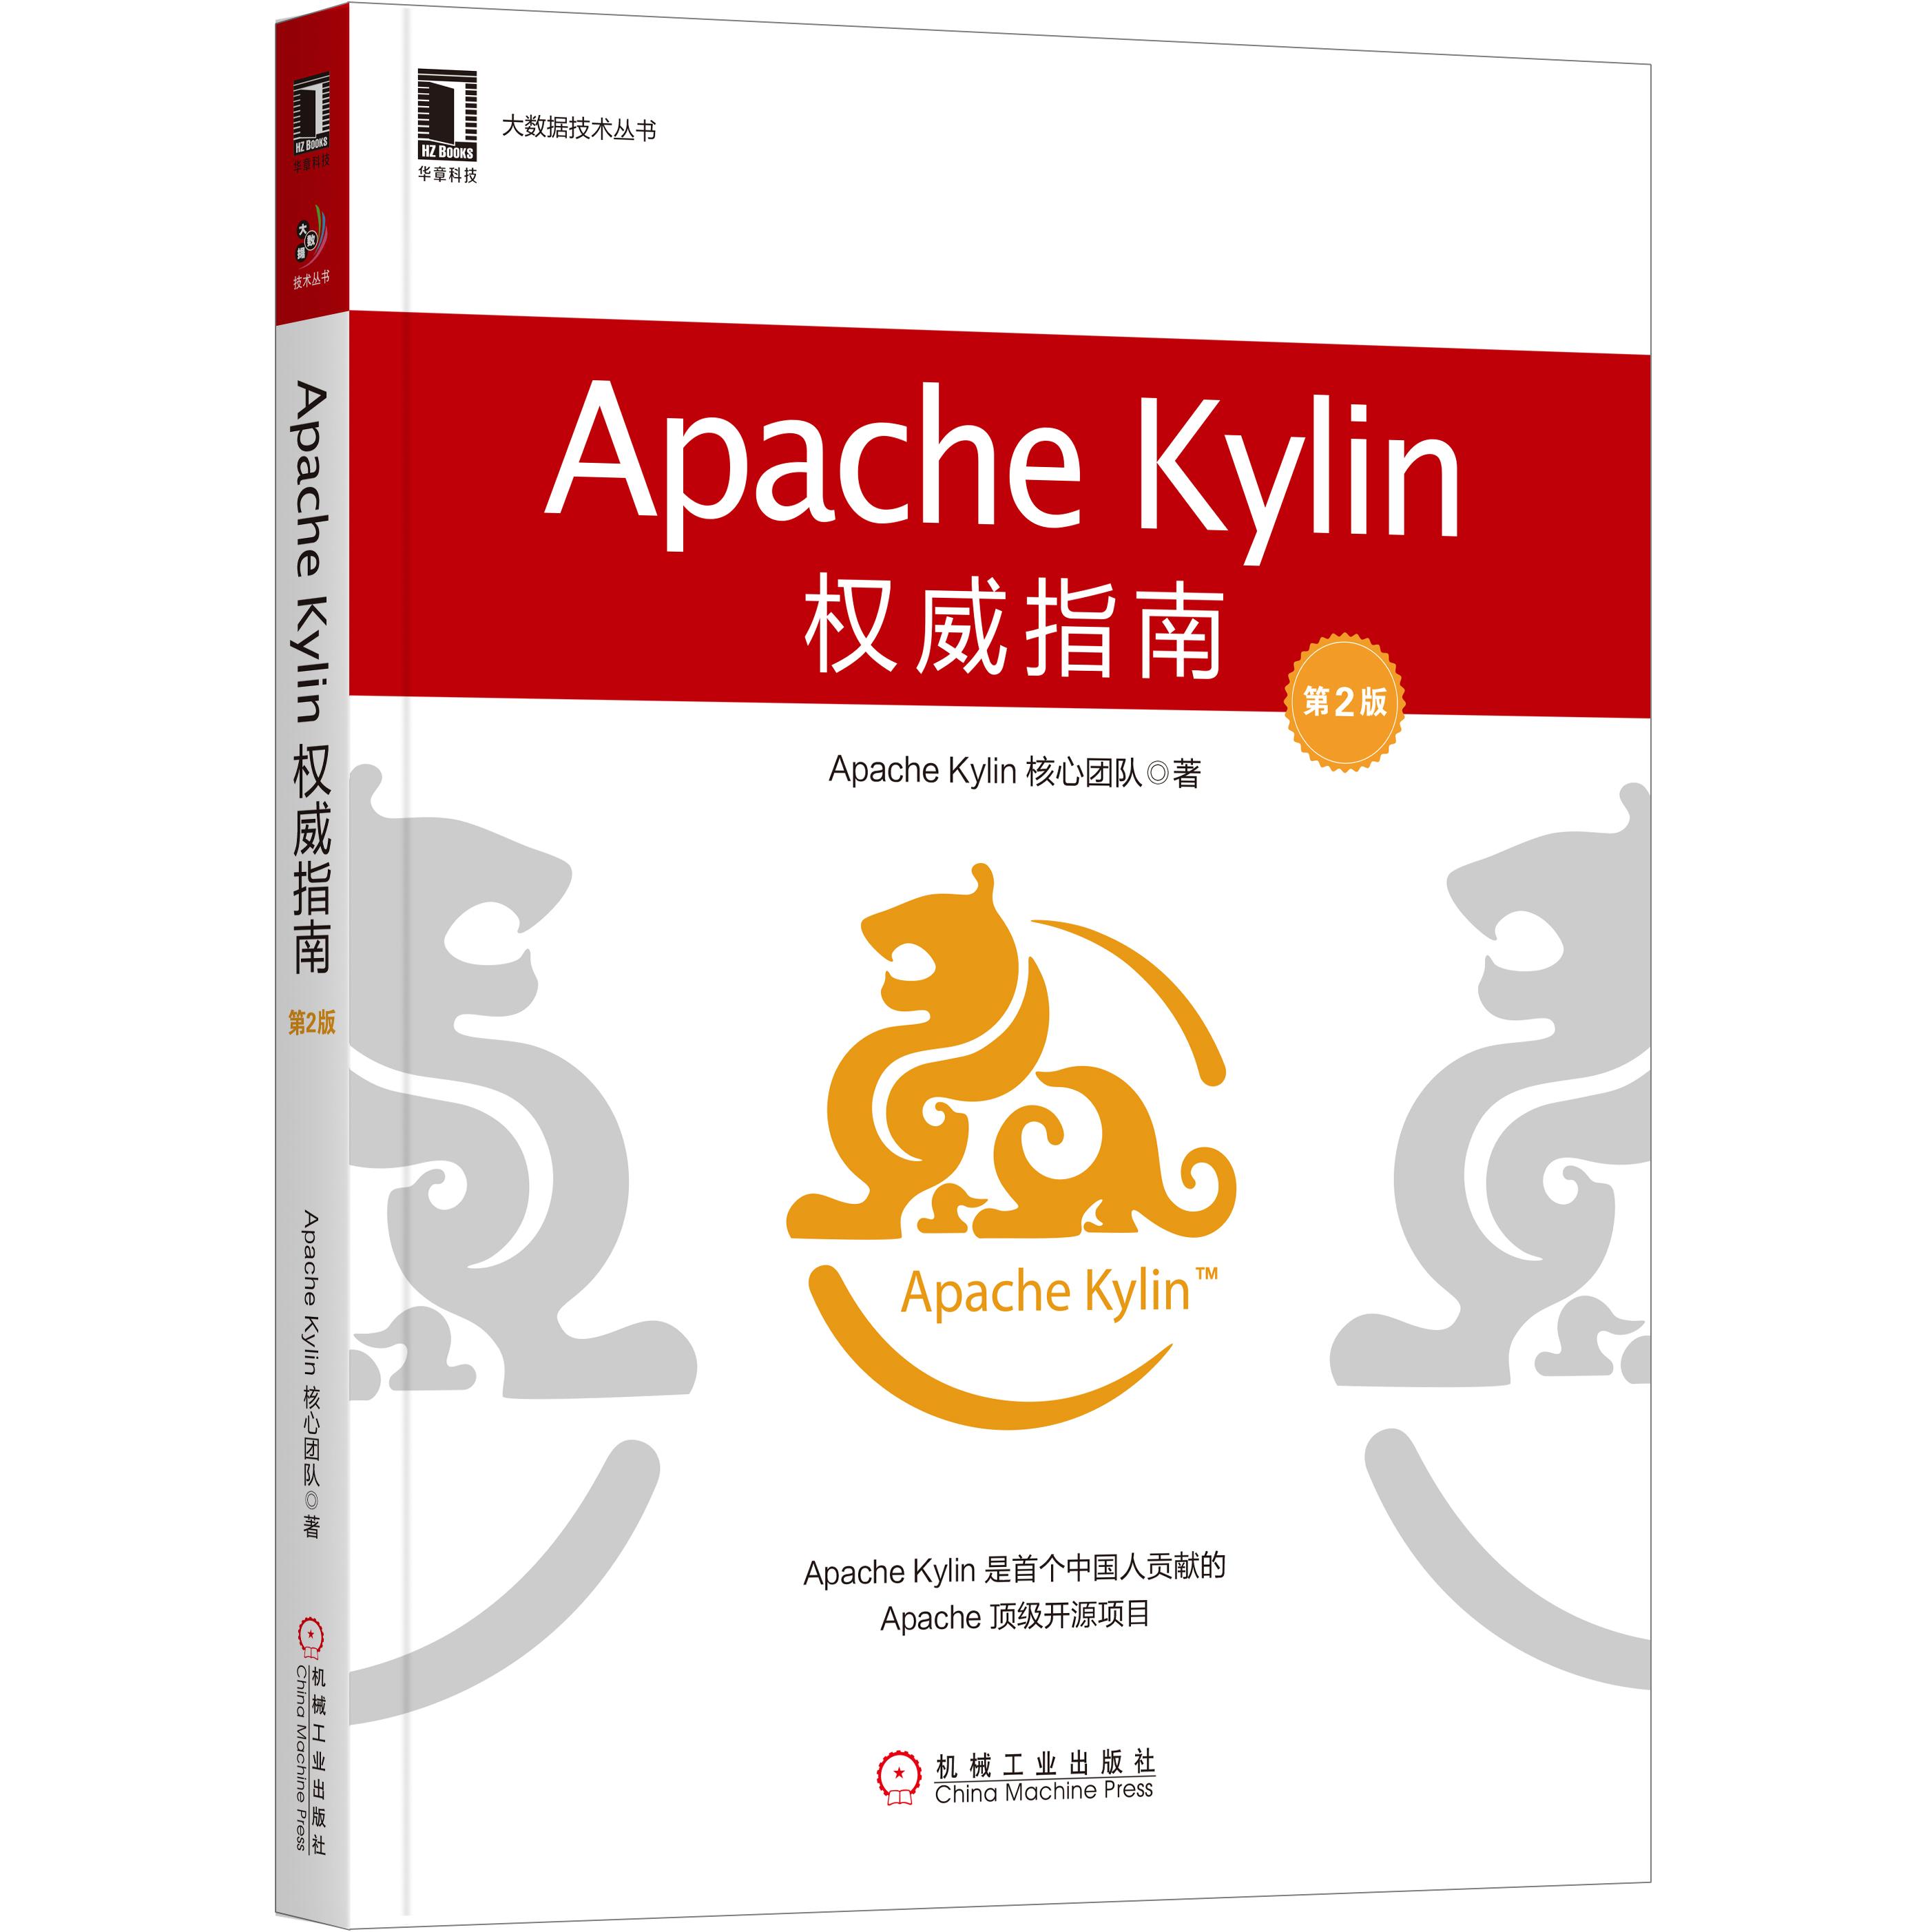 带你读《Apache Kylin权威指南》之一:Apache Kylin概述